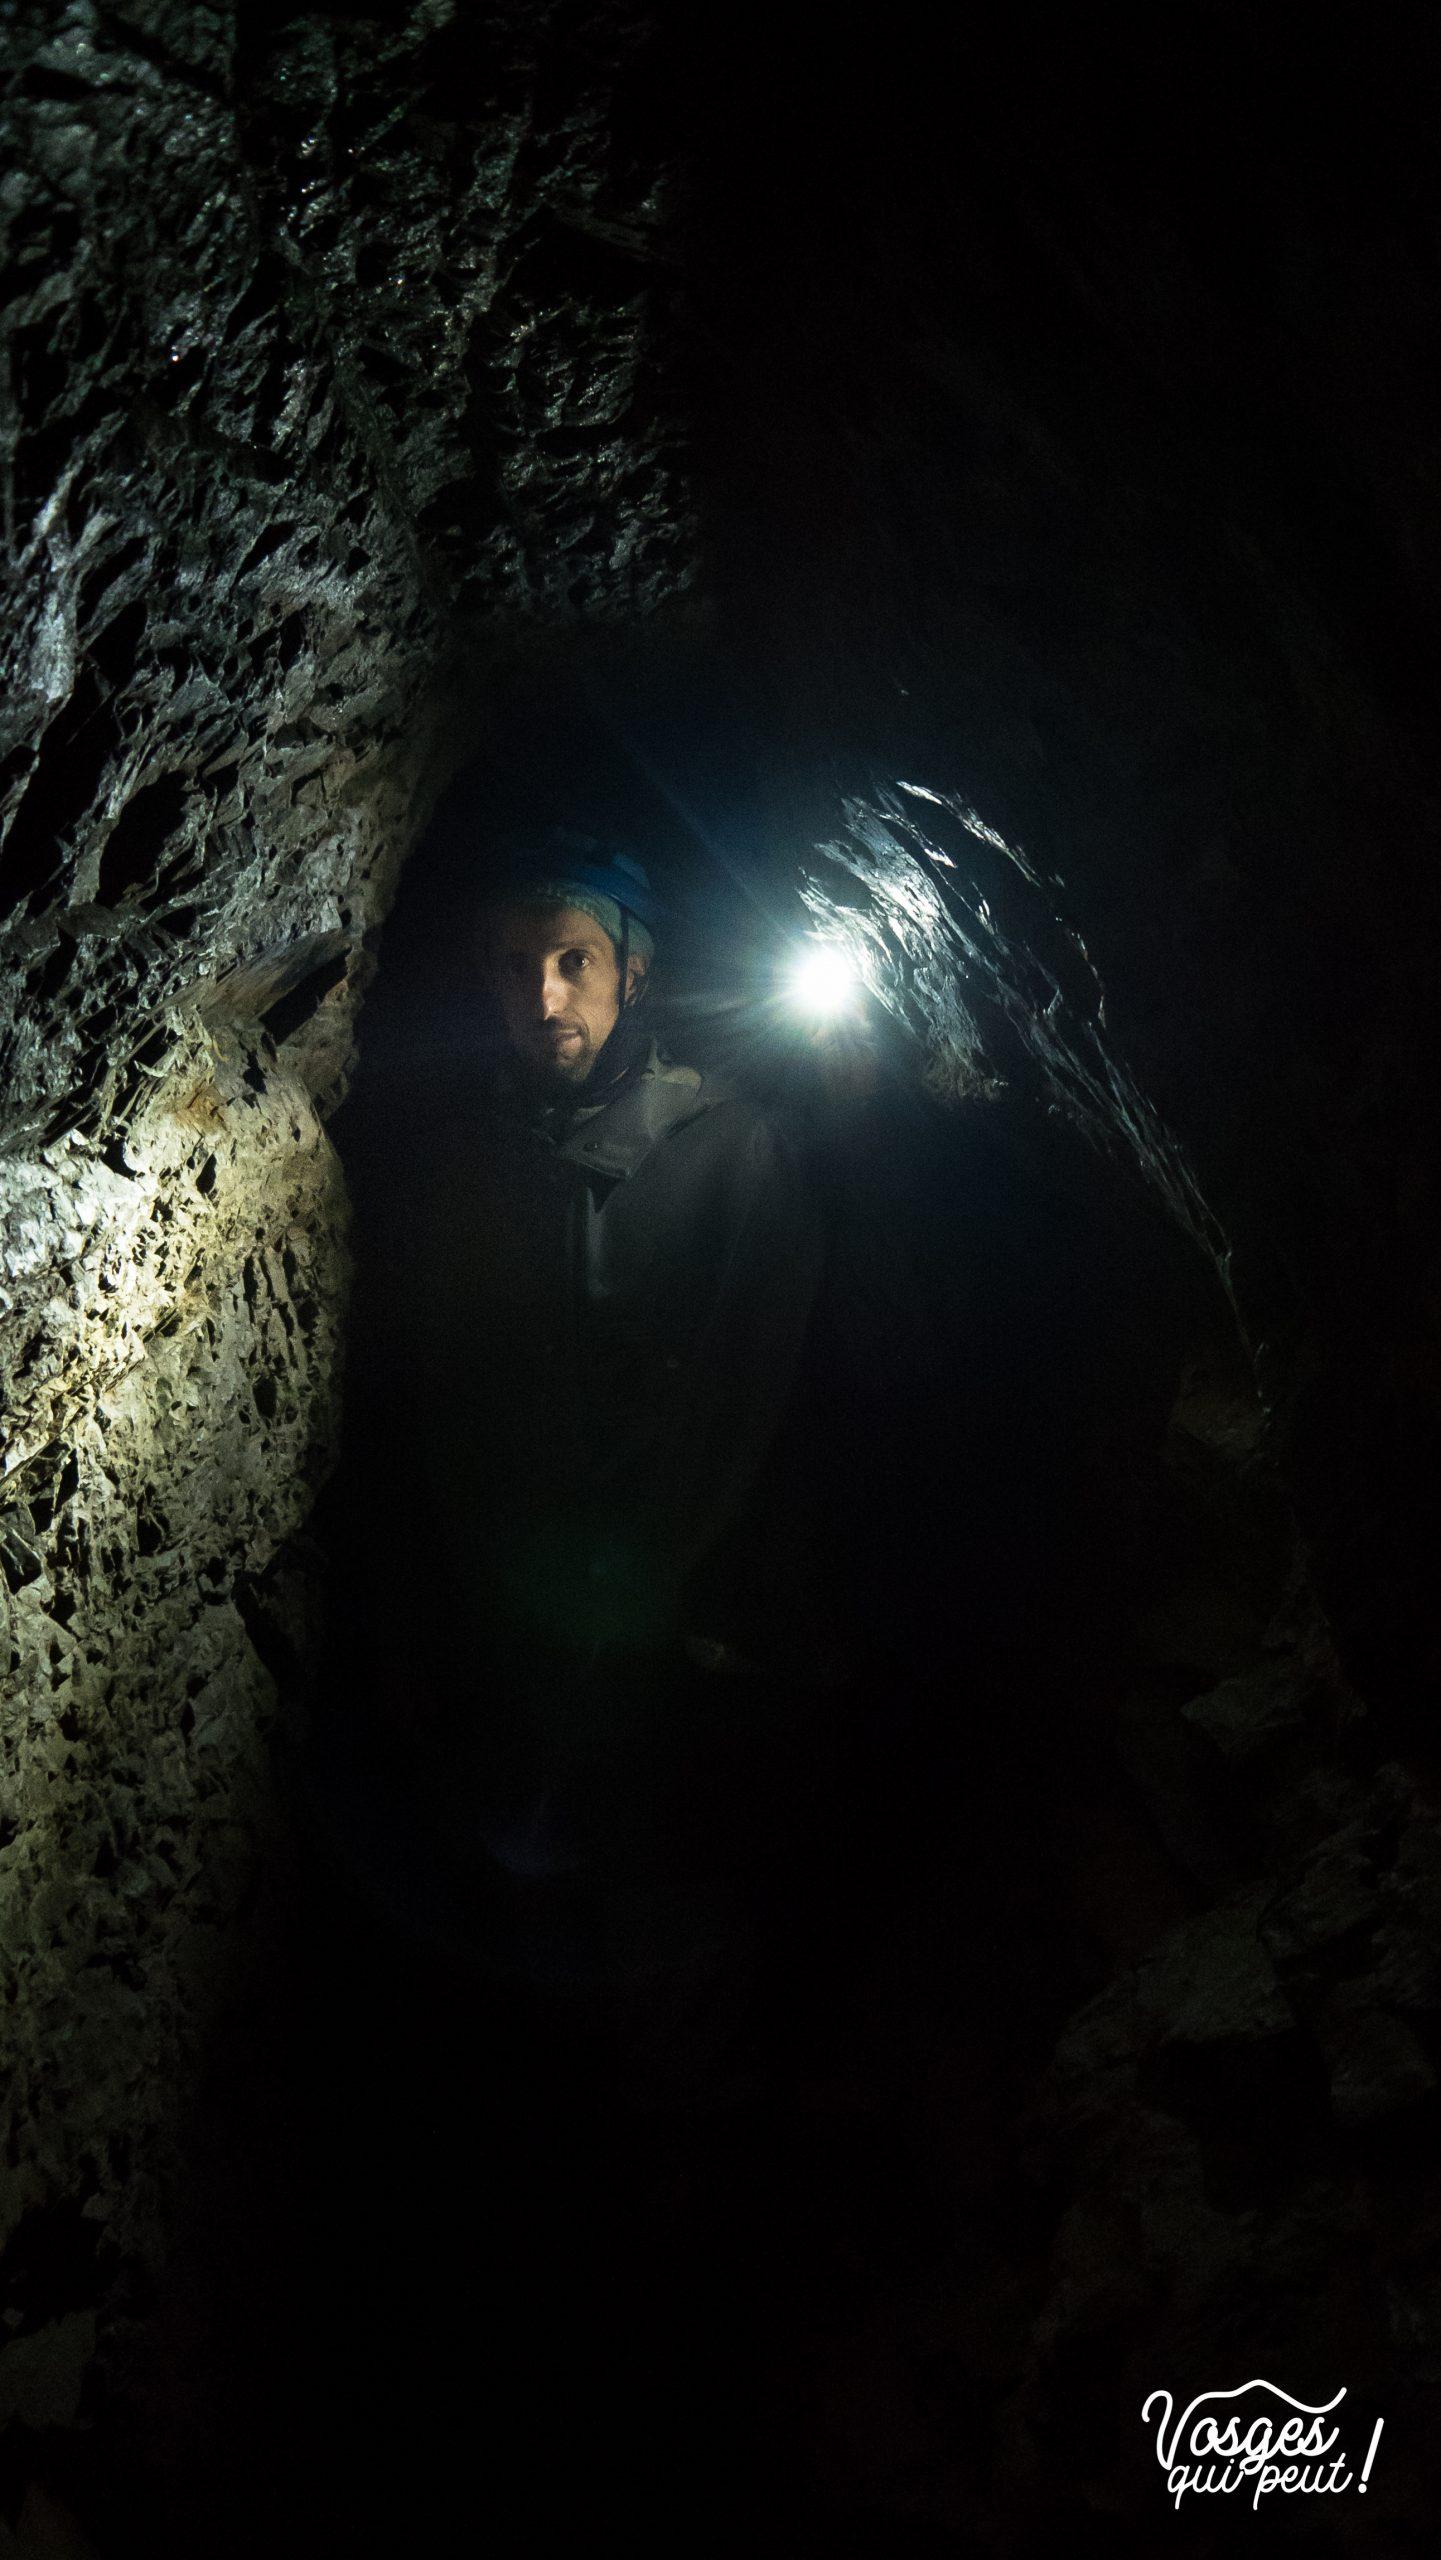 Un homme tient une lampe à l'intérieur d'une galerie de mine dans la vallée de Sainte-Marie-aux-Mines